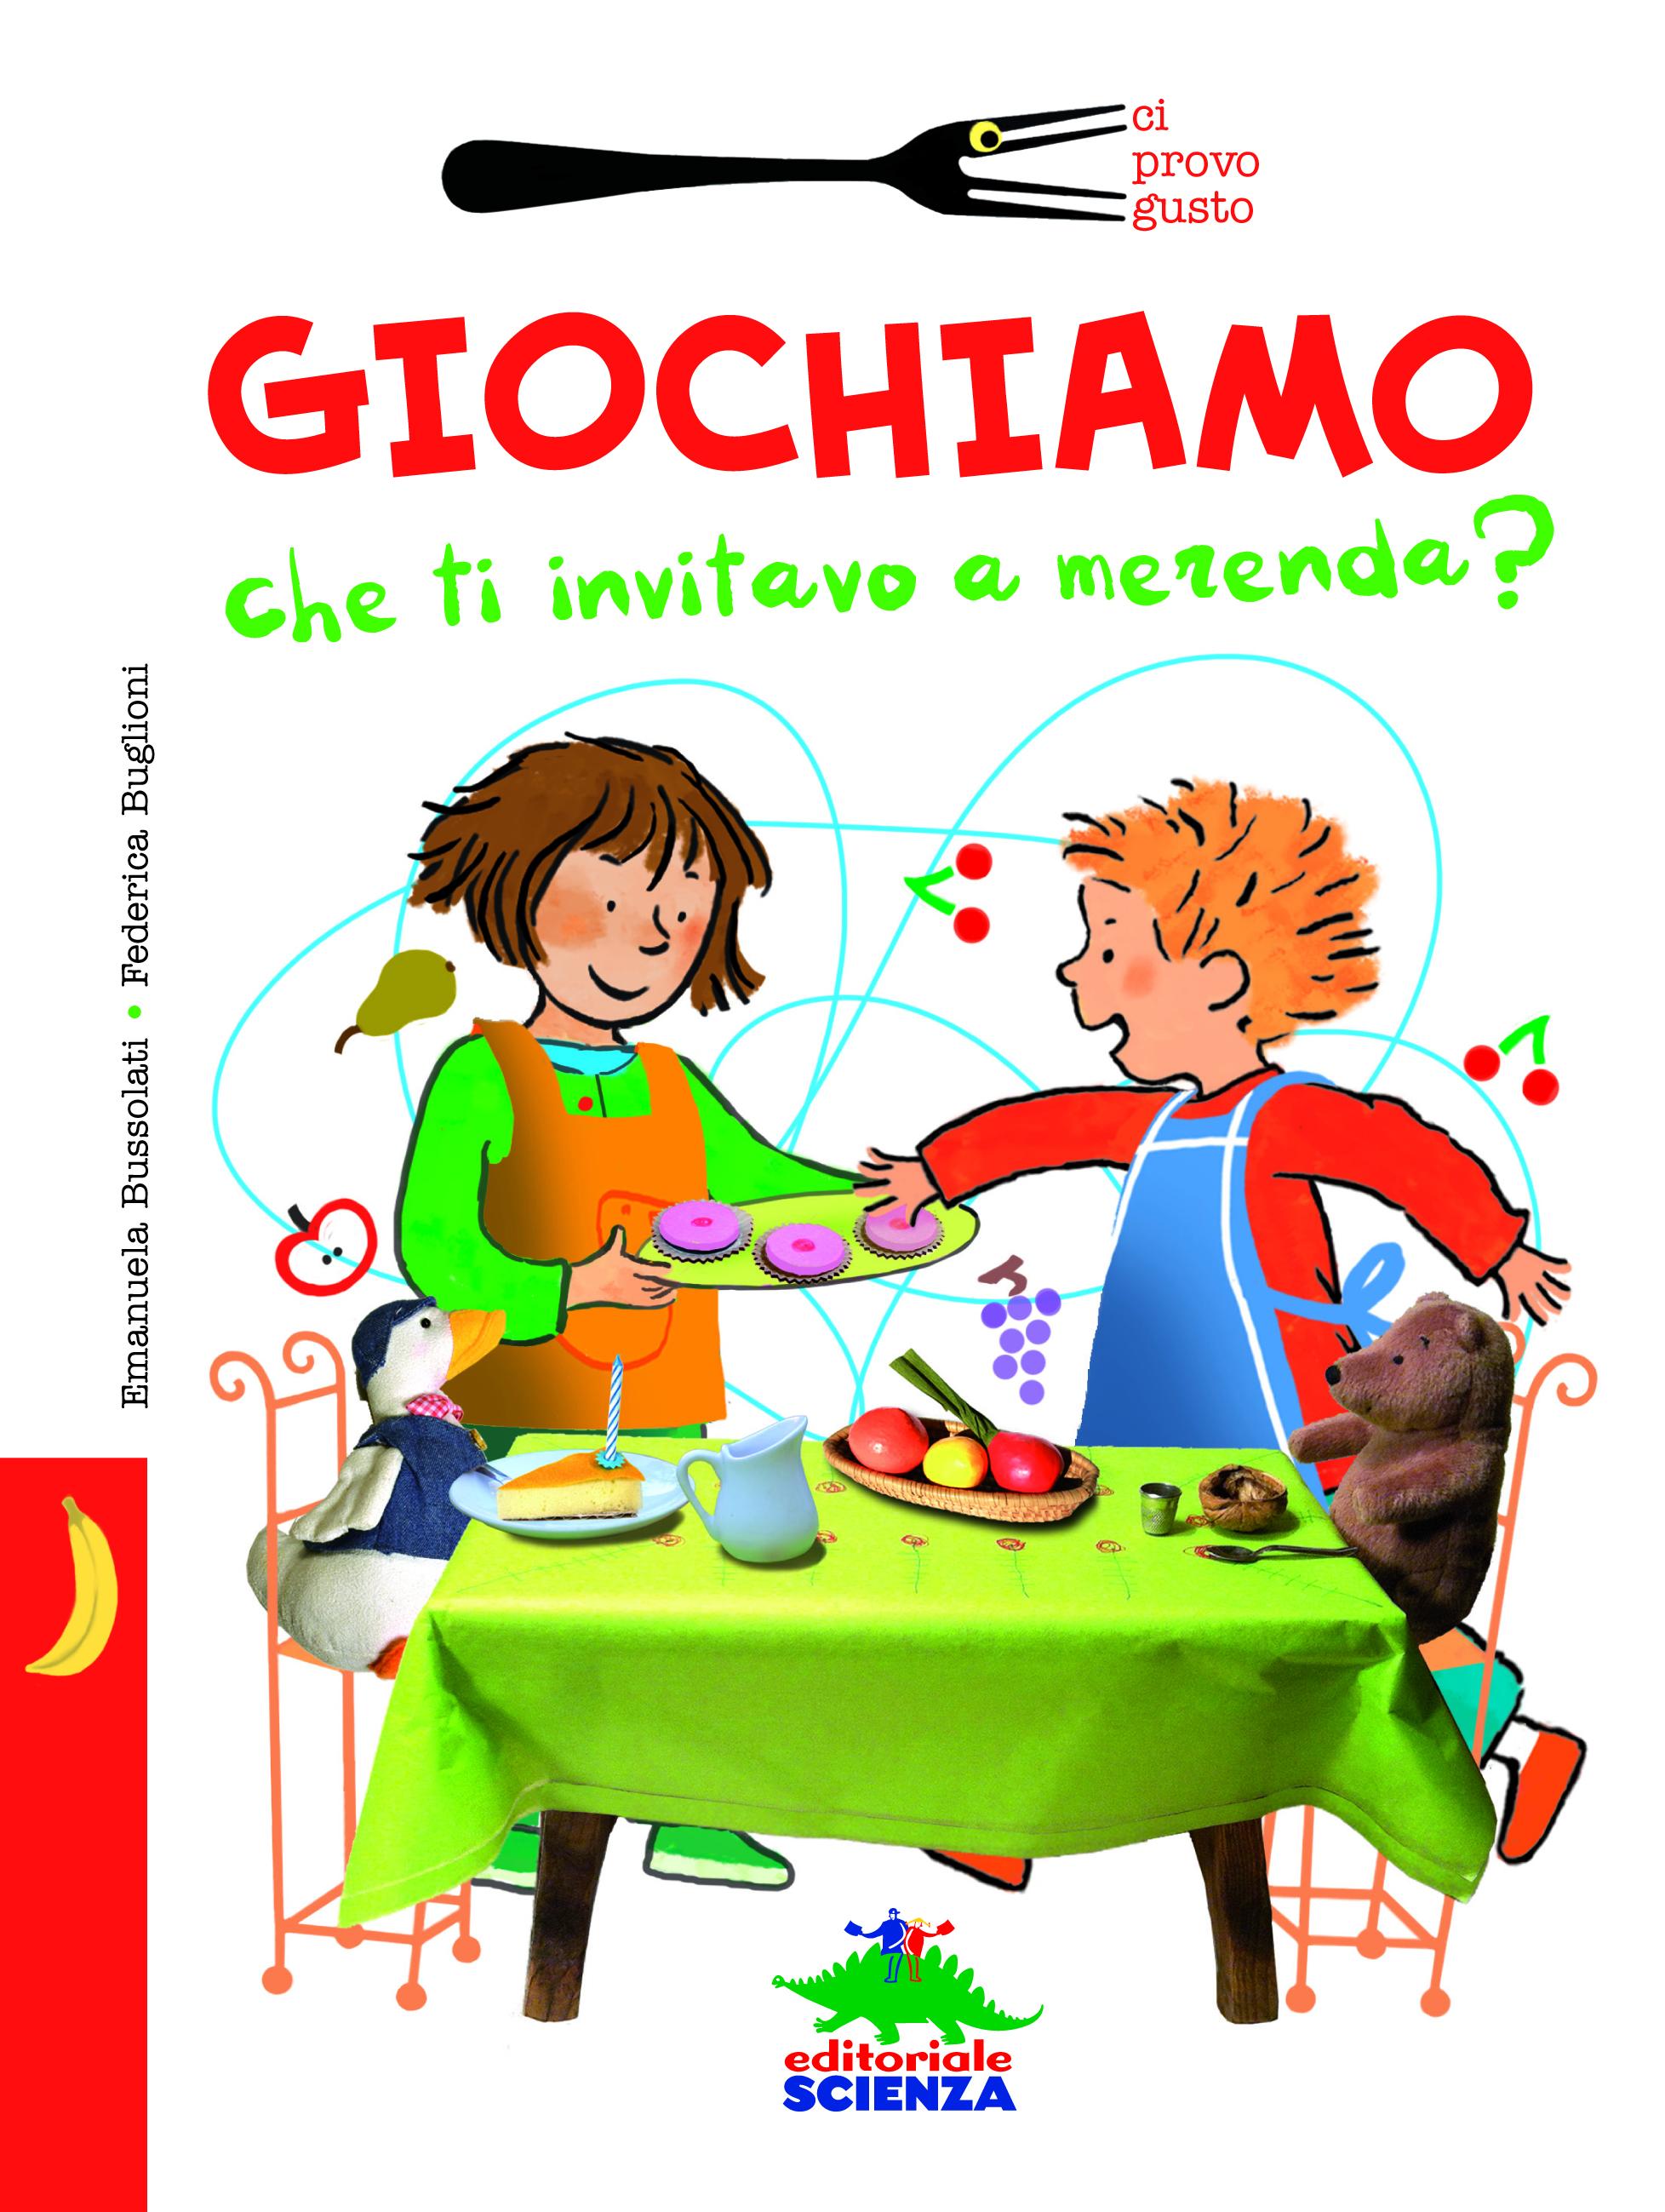 Estremamente Una buona educazione alimentare passa dai libri per bambini TE85